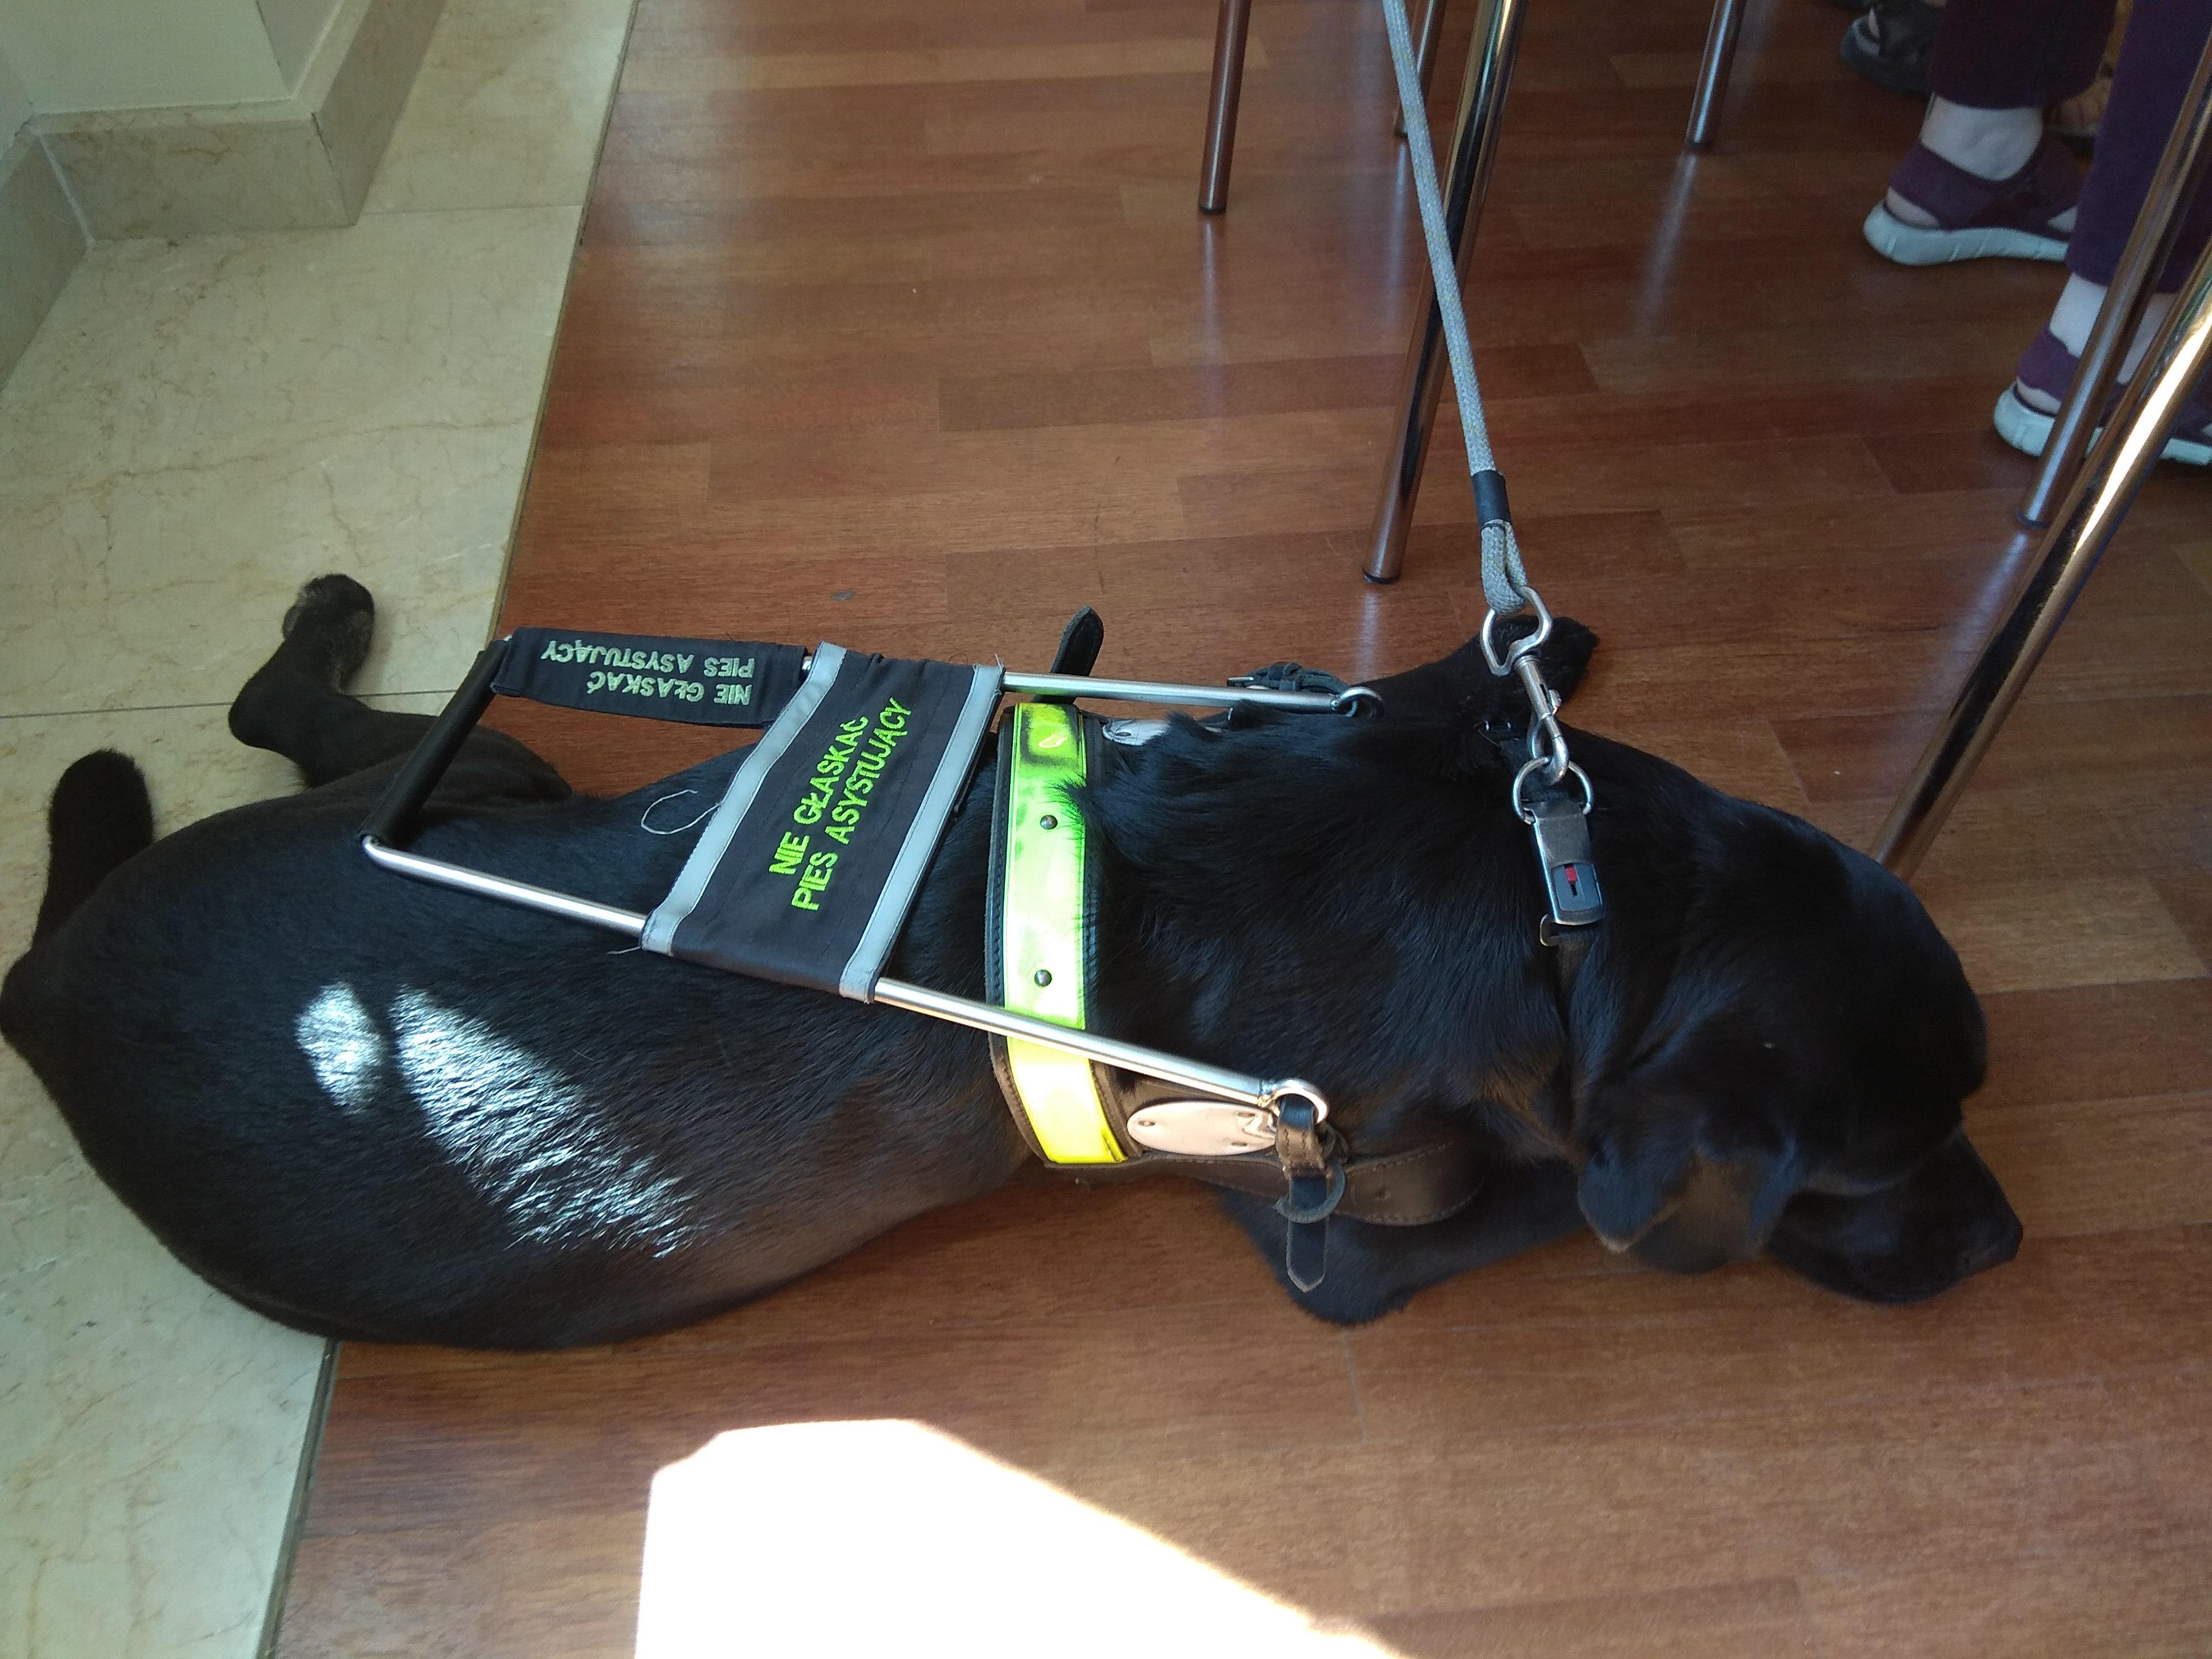 Czarny labrador leżący na podłodze to pies – przewodnik z charakterystyczną dla niego uprzężą.